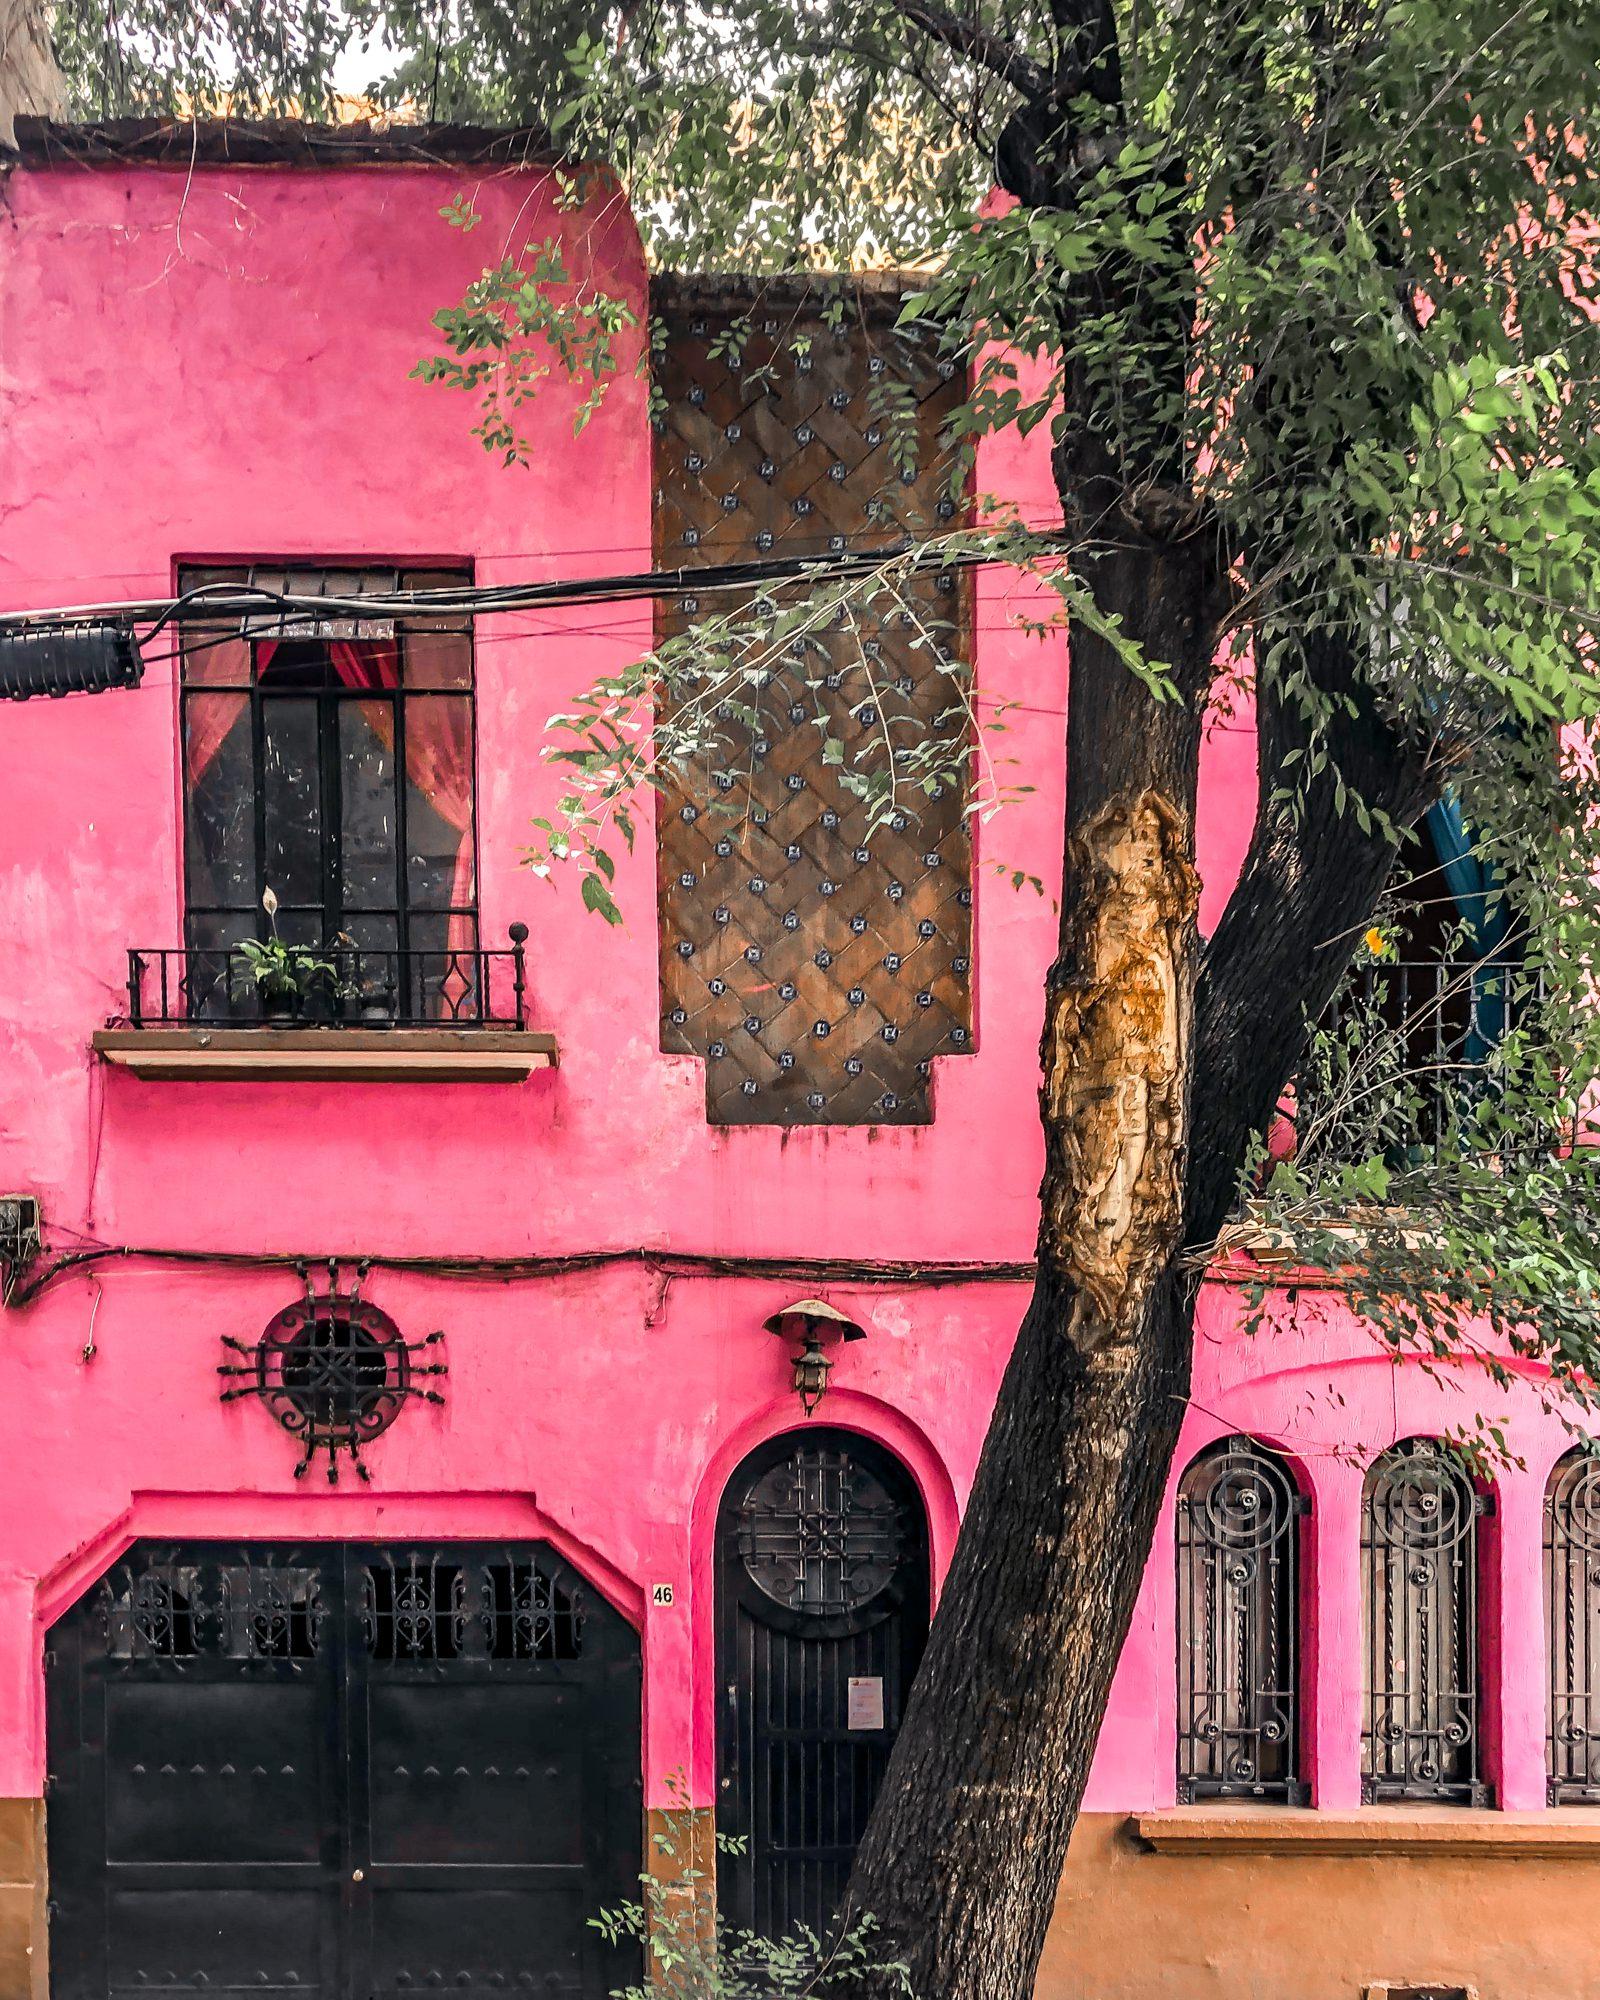 architecture in san rafael mexico city